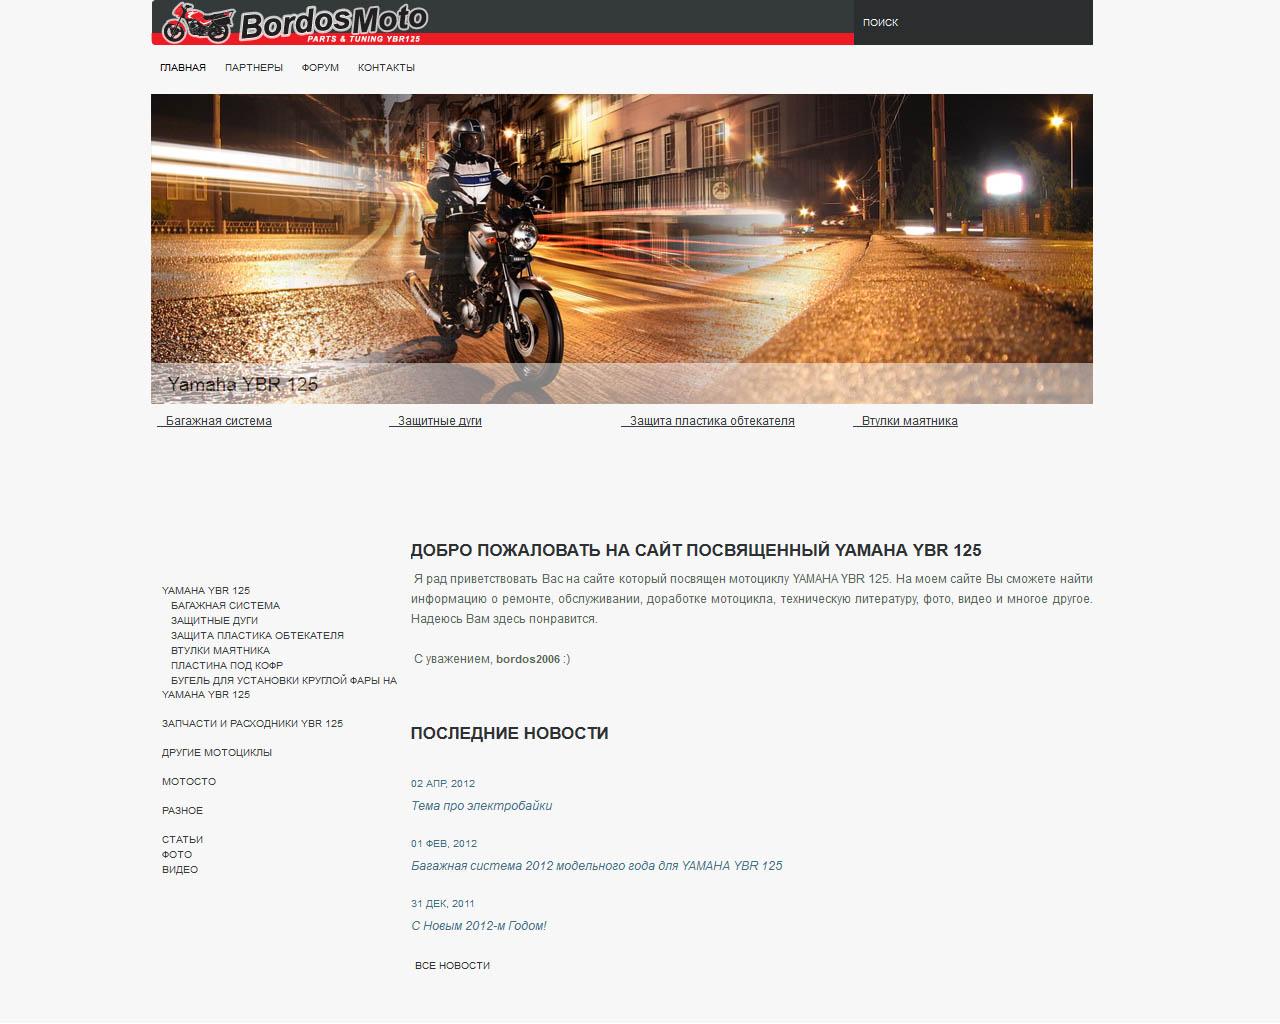 Сайт посвященный мотоциклу Yamaha YBR 125